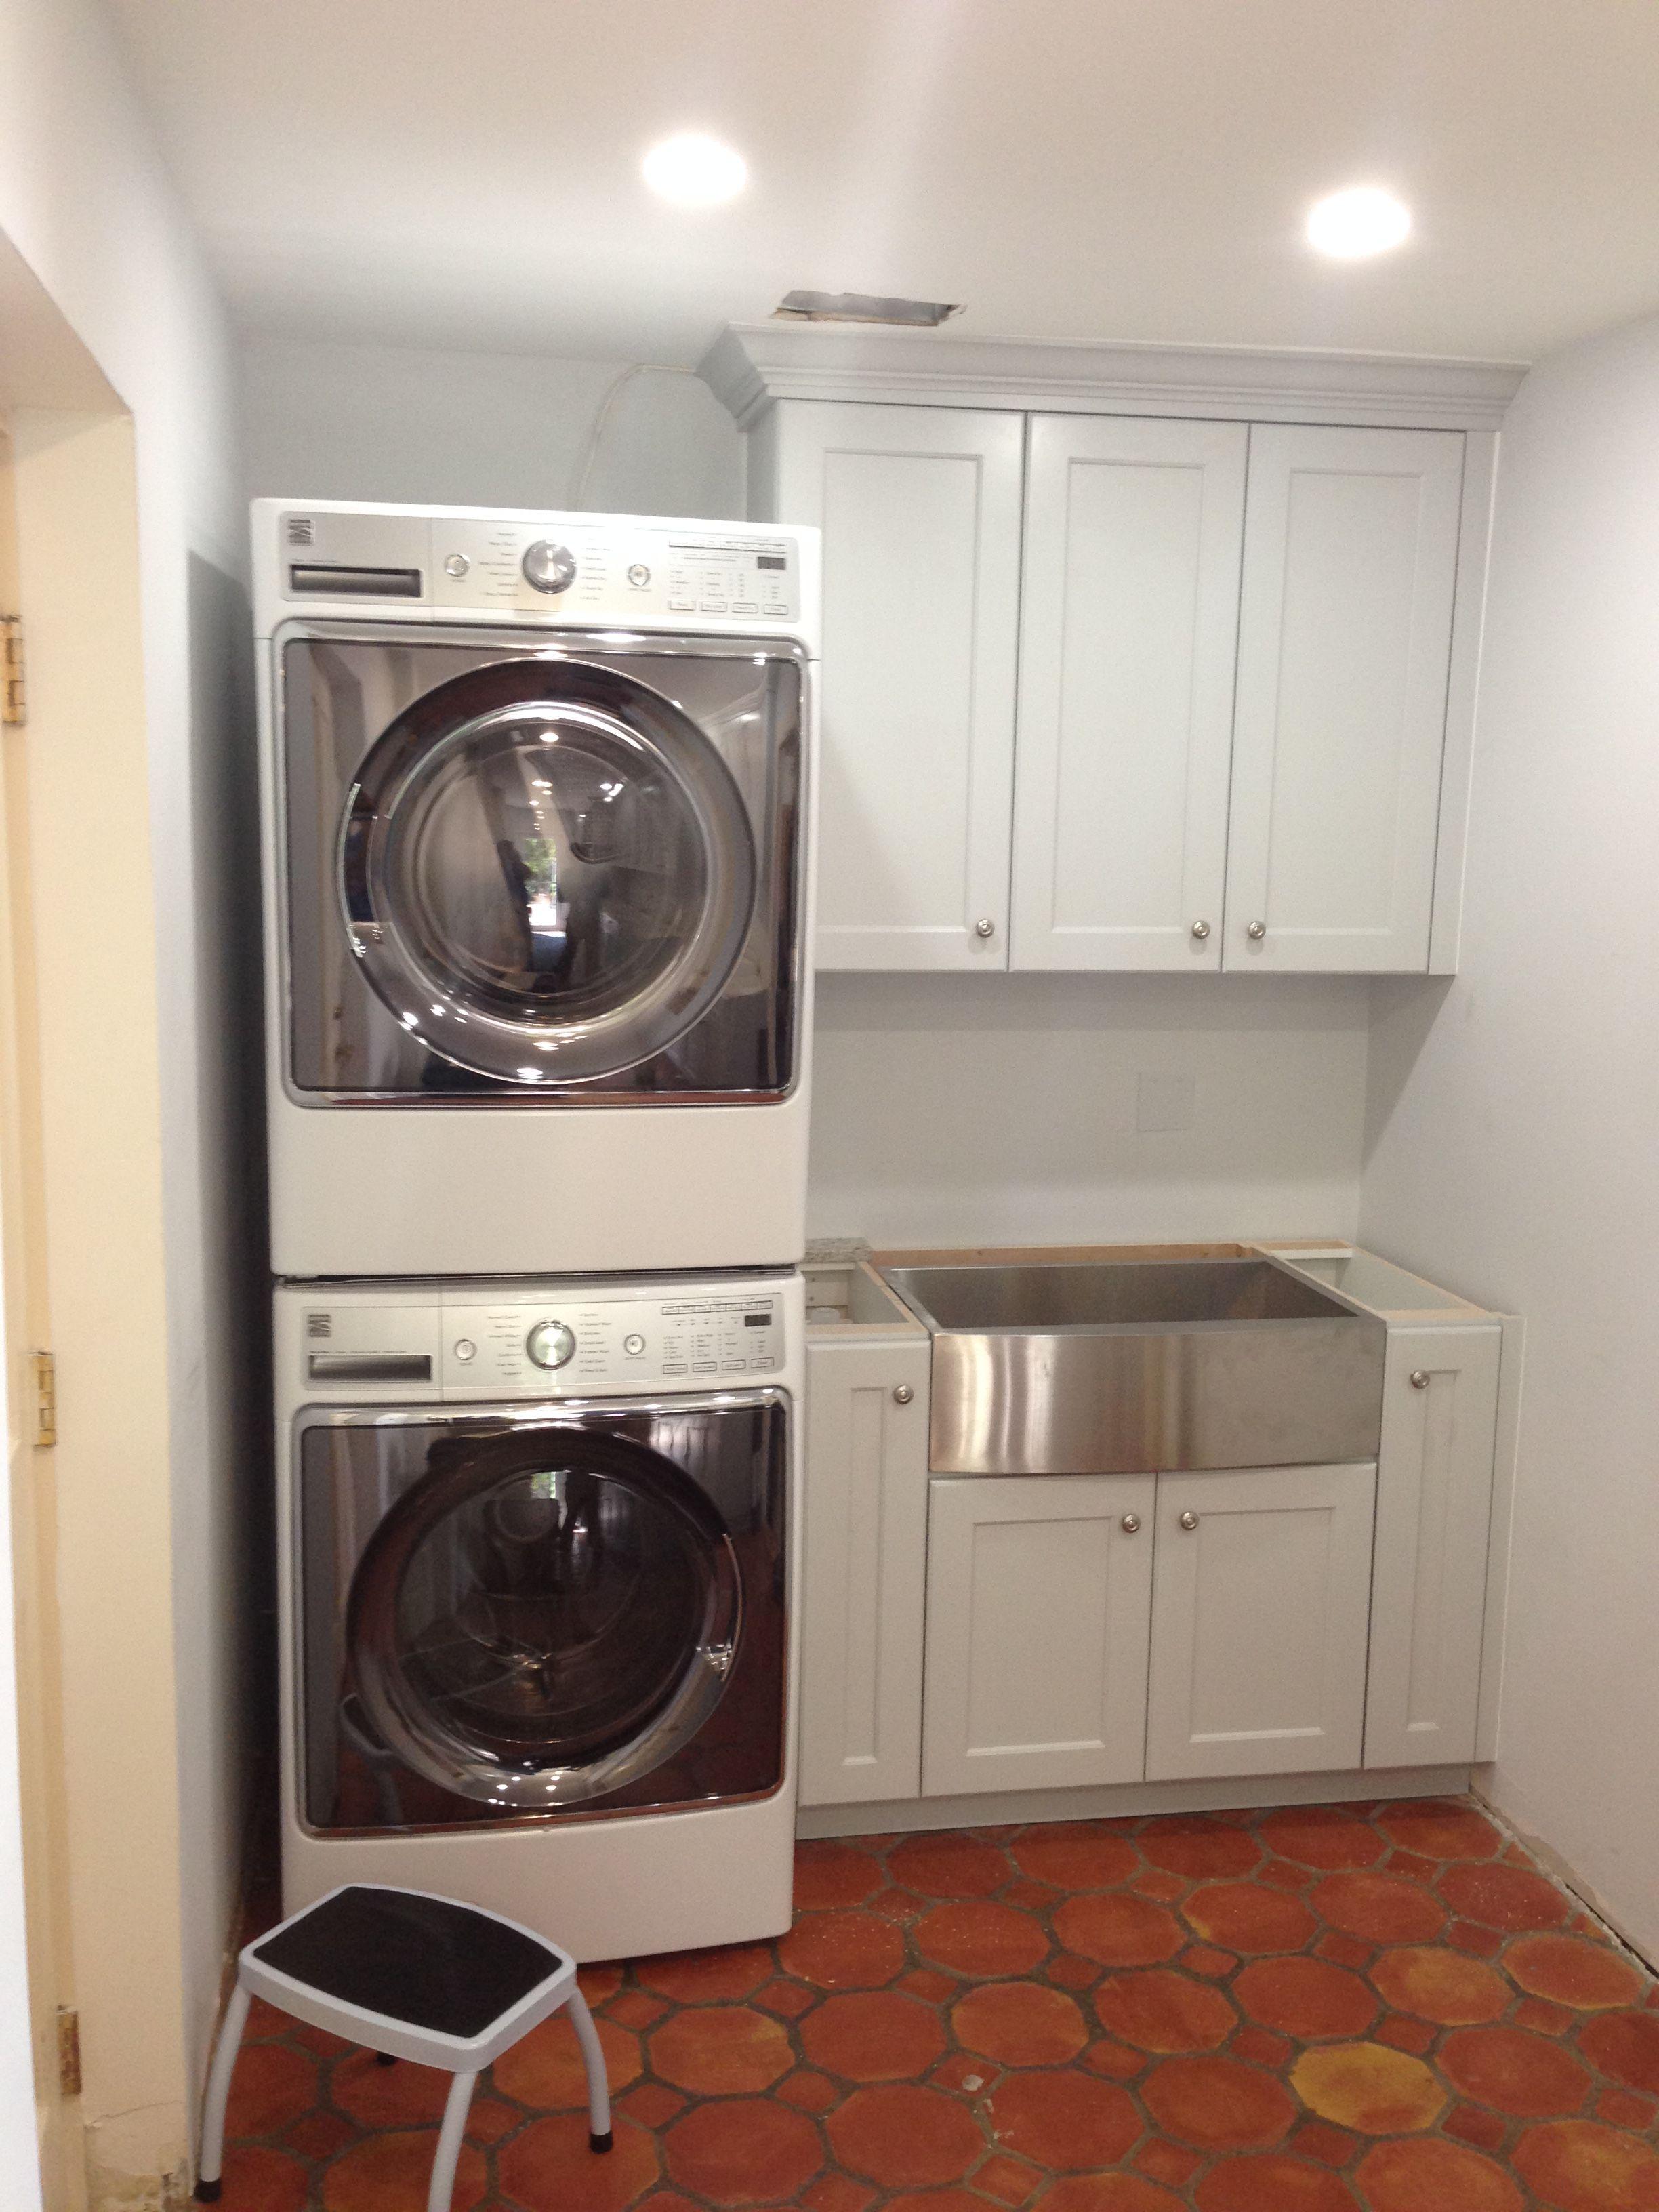 Pin By Amerikitchen On Amerikitchen Laundry Room Design Laundry Room Makeover Laundry Mud Room